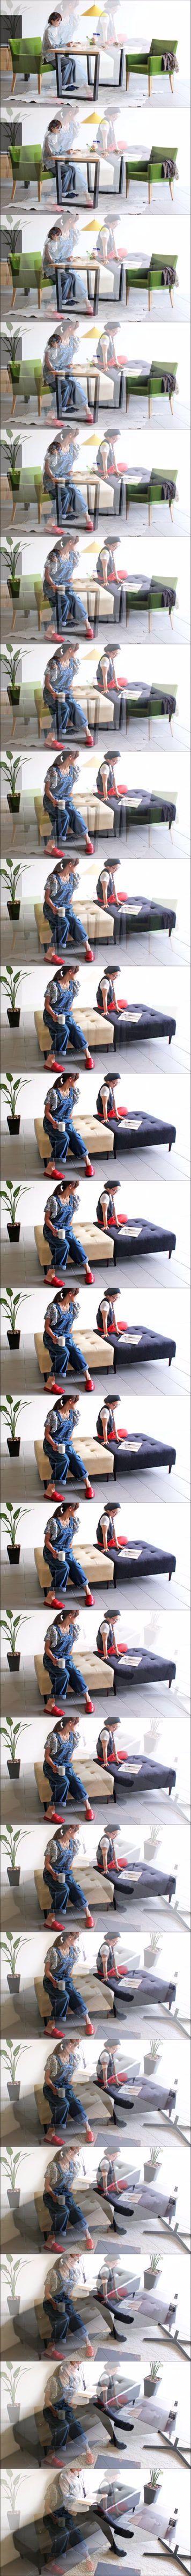 ベンチ ソファ 北欧 ベンチソファー ベンチソファ 背もたれなし。ベンチ ソファ アンティーク 腰掛け 北欧 ベンチソファー 背もたれなし チェア 長椅子 コンパクト 長いす オフィス スツール おしゃれ 120 日本製 2人掛け 送料無料 待合椅子 ベンチチェア ベンチチェアー ダイニング ロビーチェア ダイニングソファ BaggyRG3×5 モケット